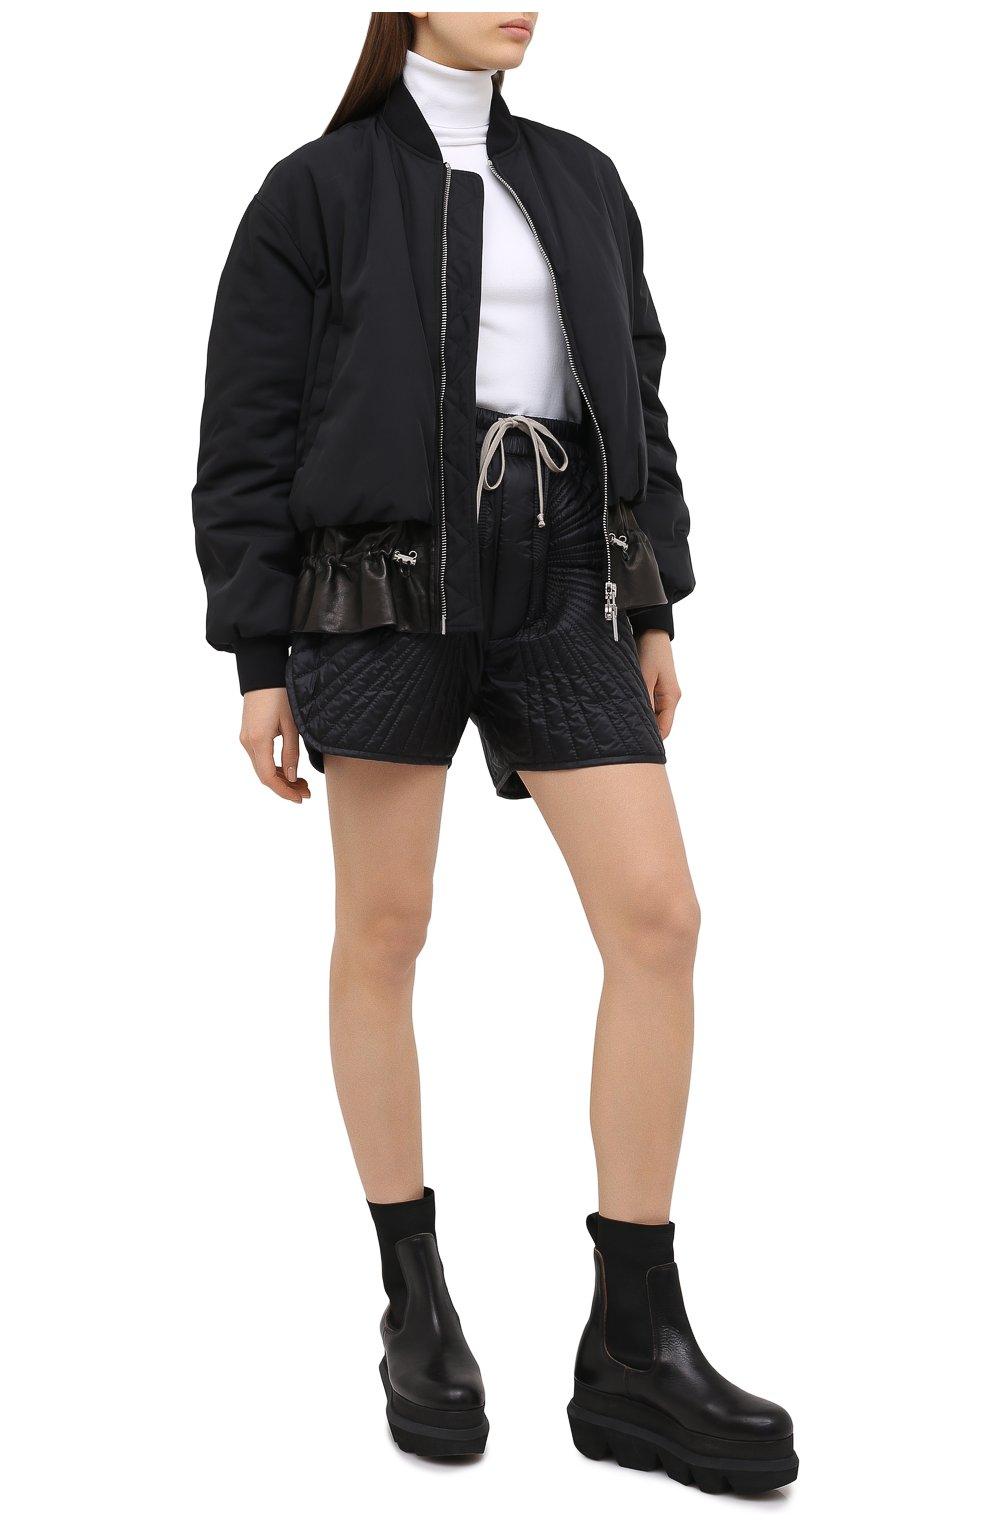 Женские шорты moncler + rick owens RICK OWENS черного цвета, арт. MU20F0023/C0596 | Фото 2 (Длина Ж (юбки, платья, шорты): Мини; Кросс-КТ: Спорт; Материал внешний: Синтетический материал; Женское Кросс-КТ: Шорты-спорт; Стили: Спорт-шик, Кэжуэл; Материал подклада: Синтетический материал; Материал утеплителя: Пух и перо)